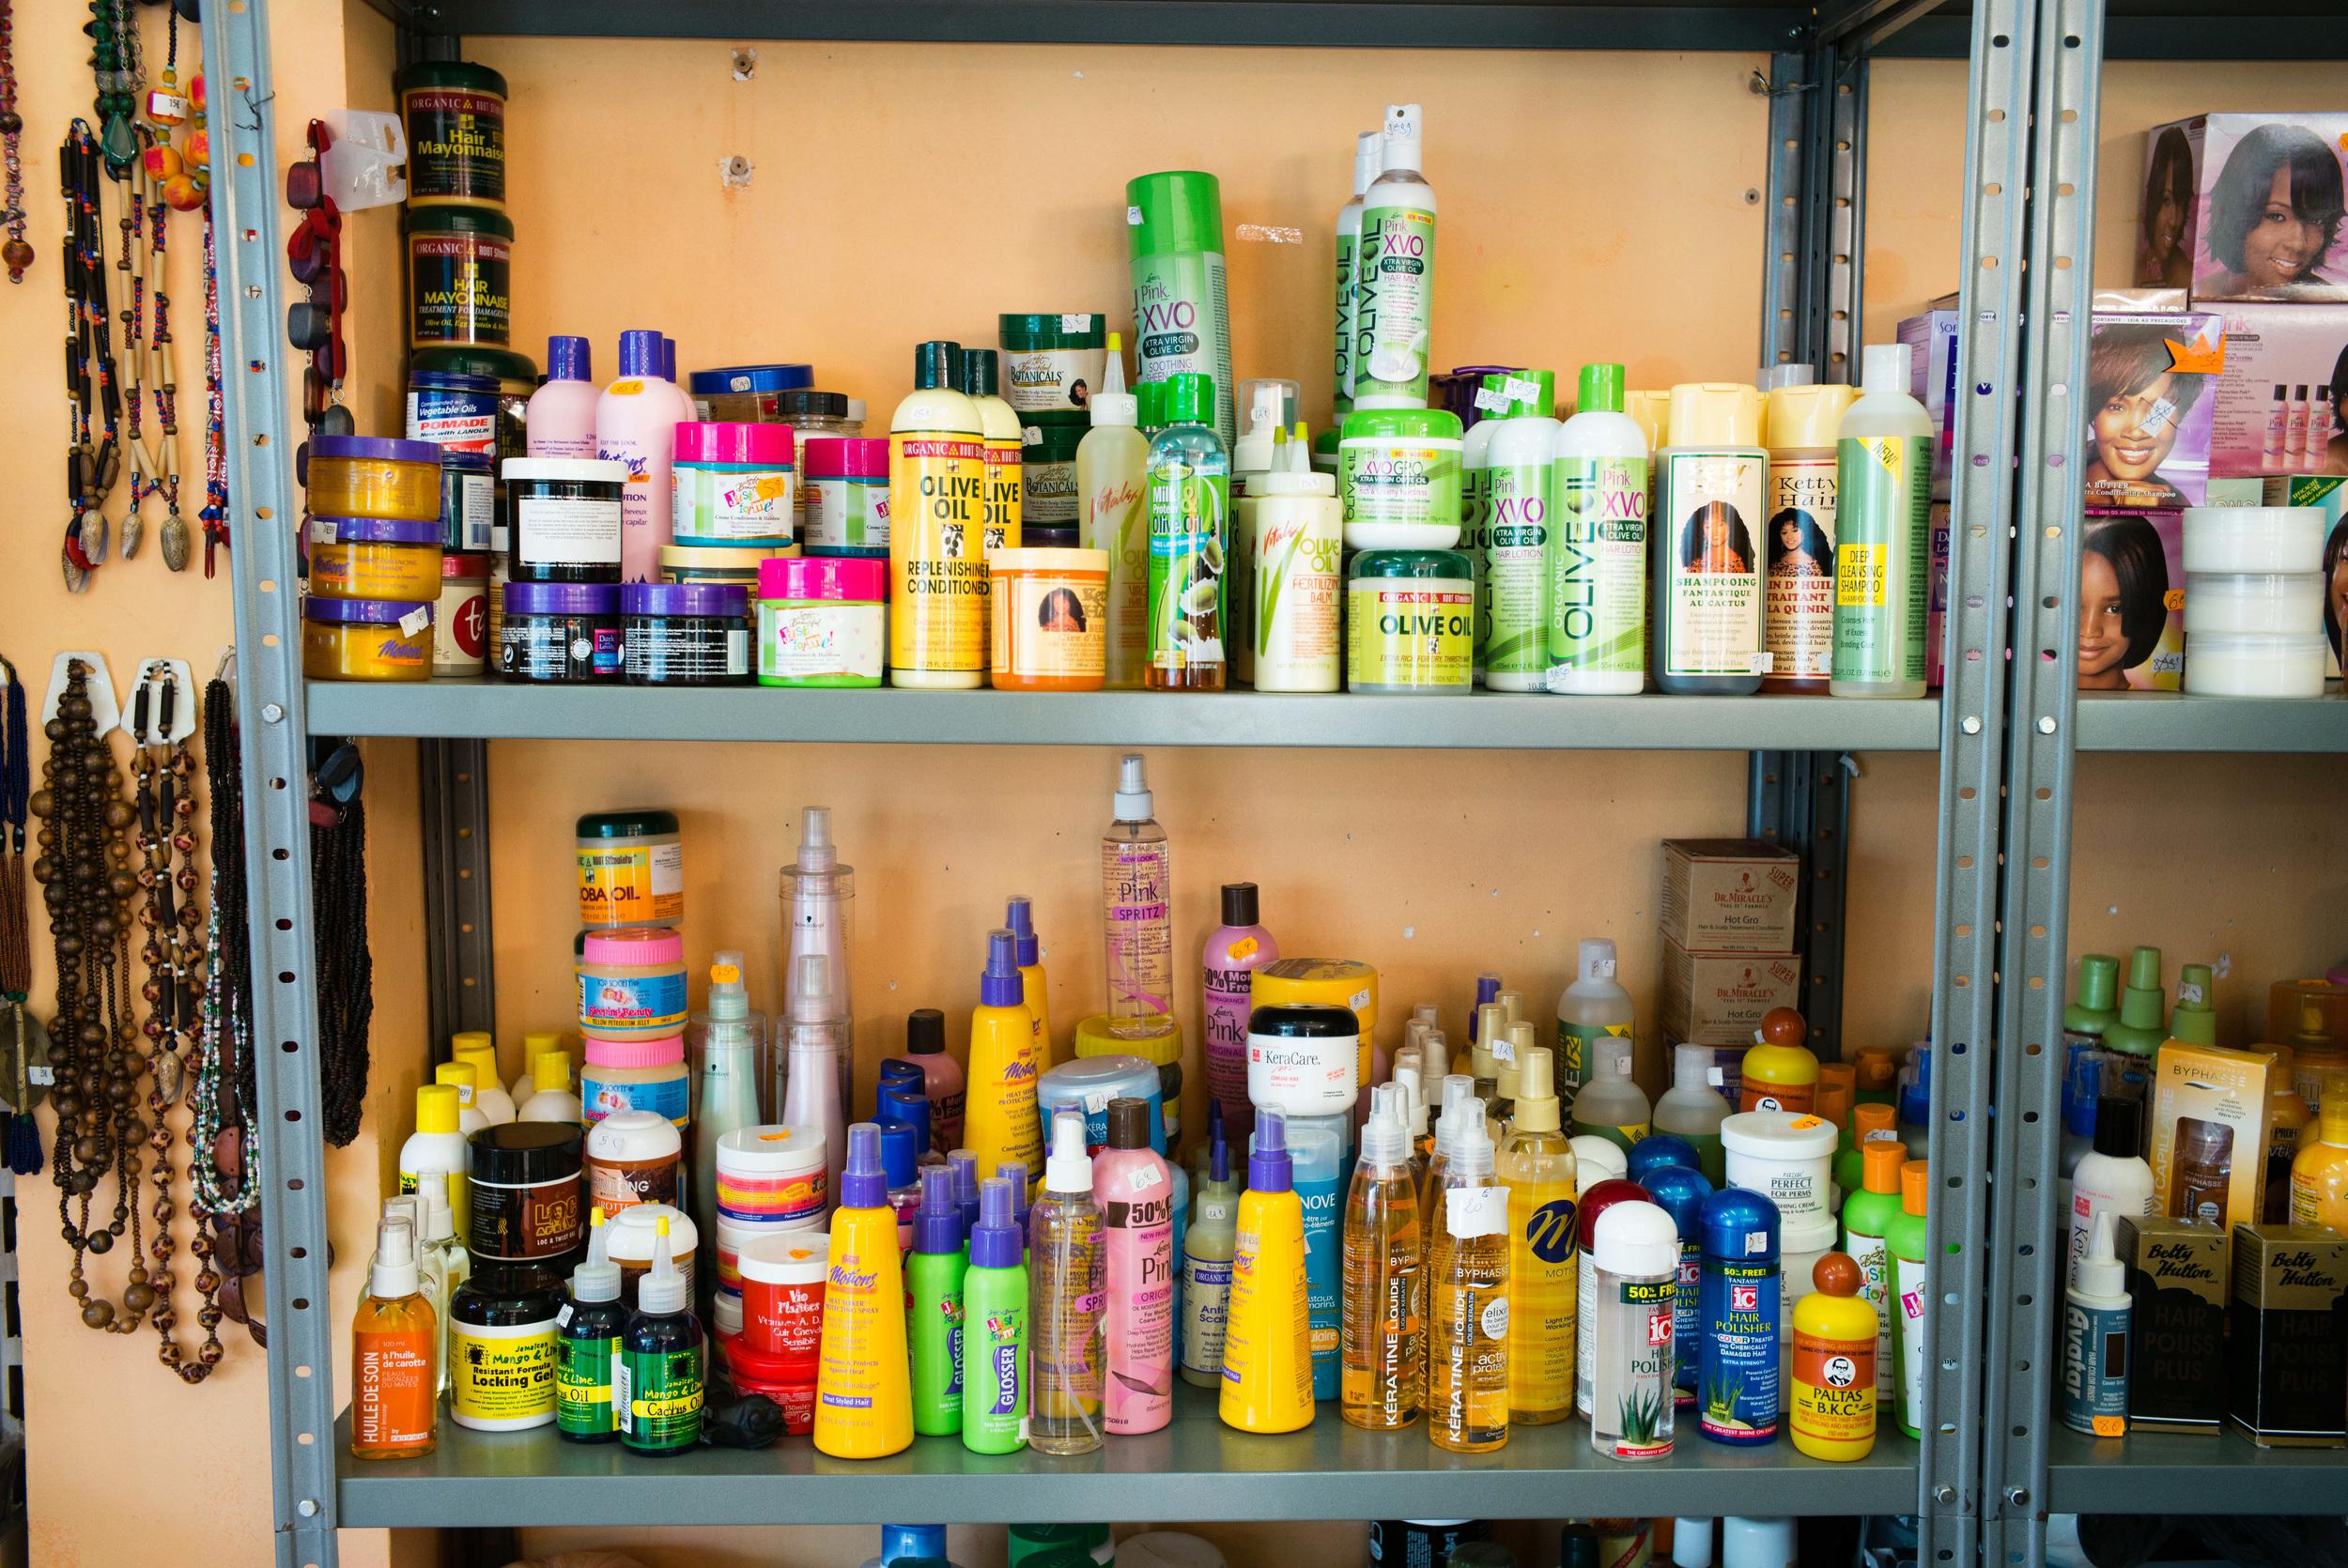 Les crèmes et autres pommades sont essentielles pour entretenir les cheveux de type africain qui ont tendance à casser facilement.